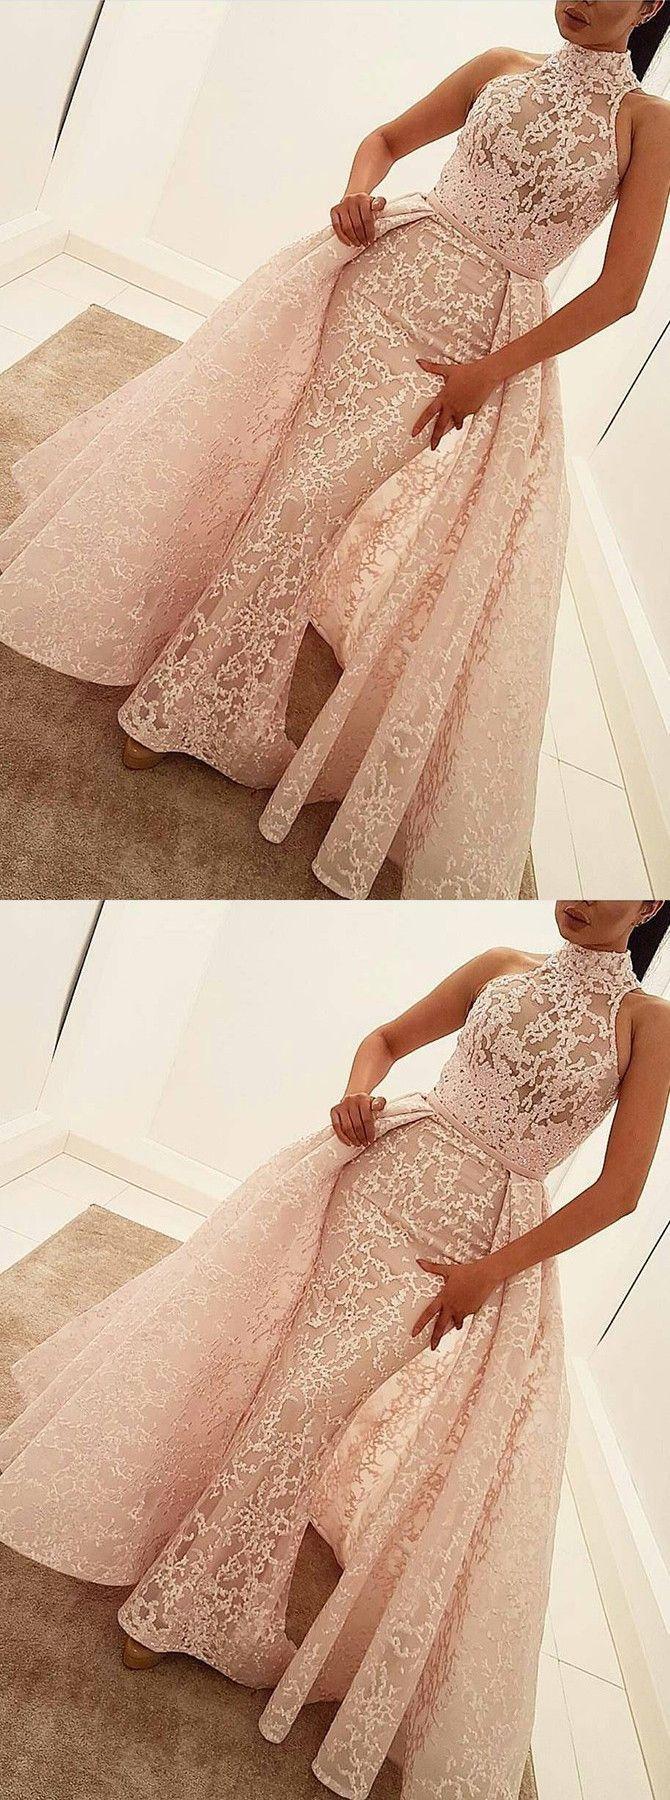 Kleiden - Prom Collection❤ #2778996 - Weddbook